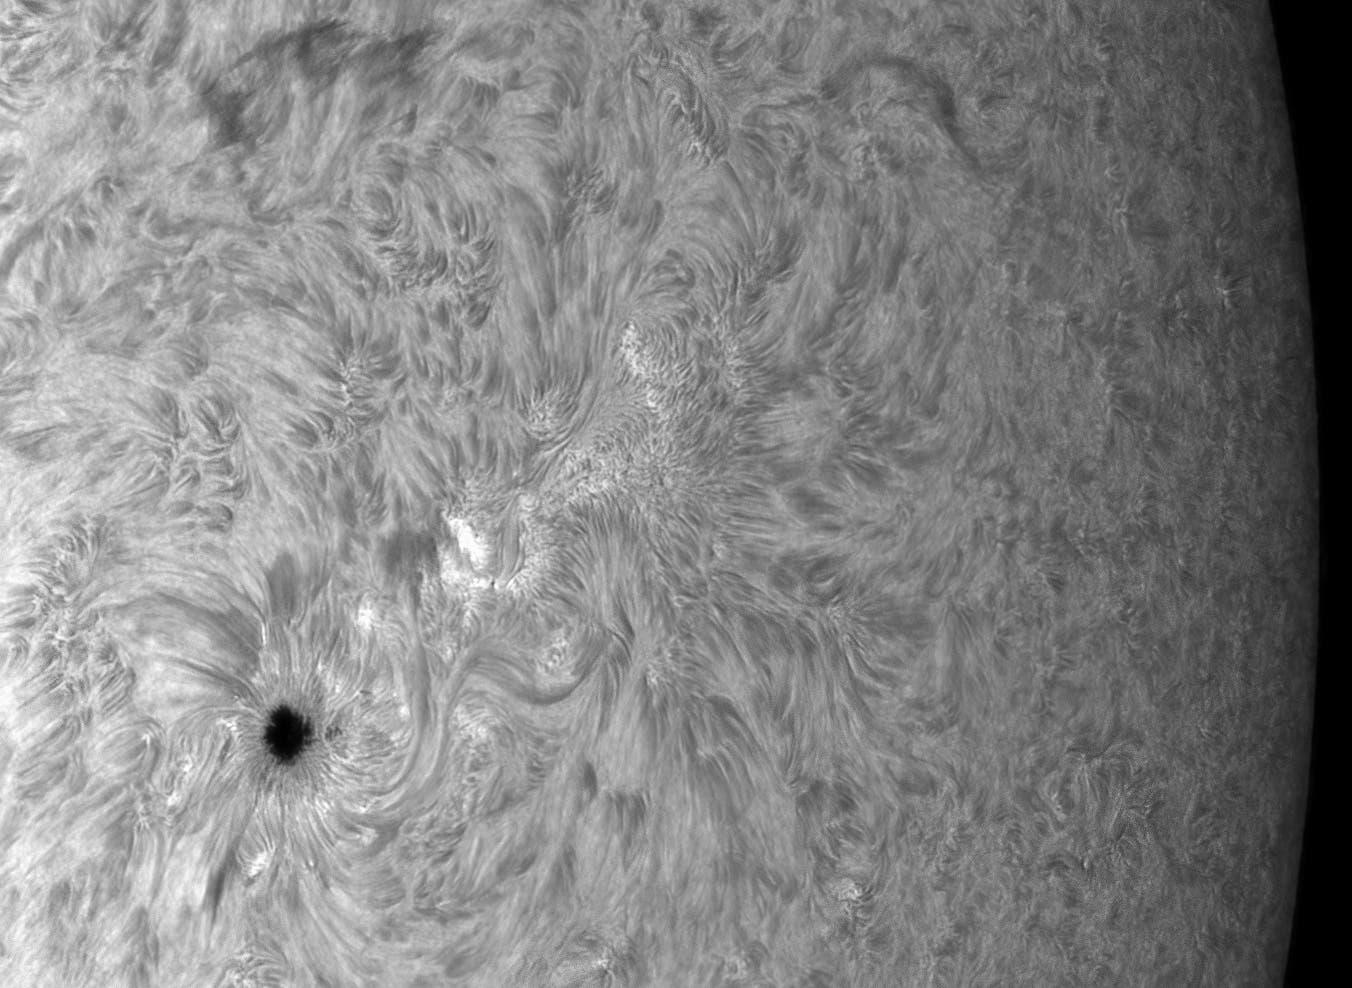 Sonnenfleck und aktive Region in H-alpha